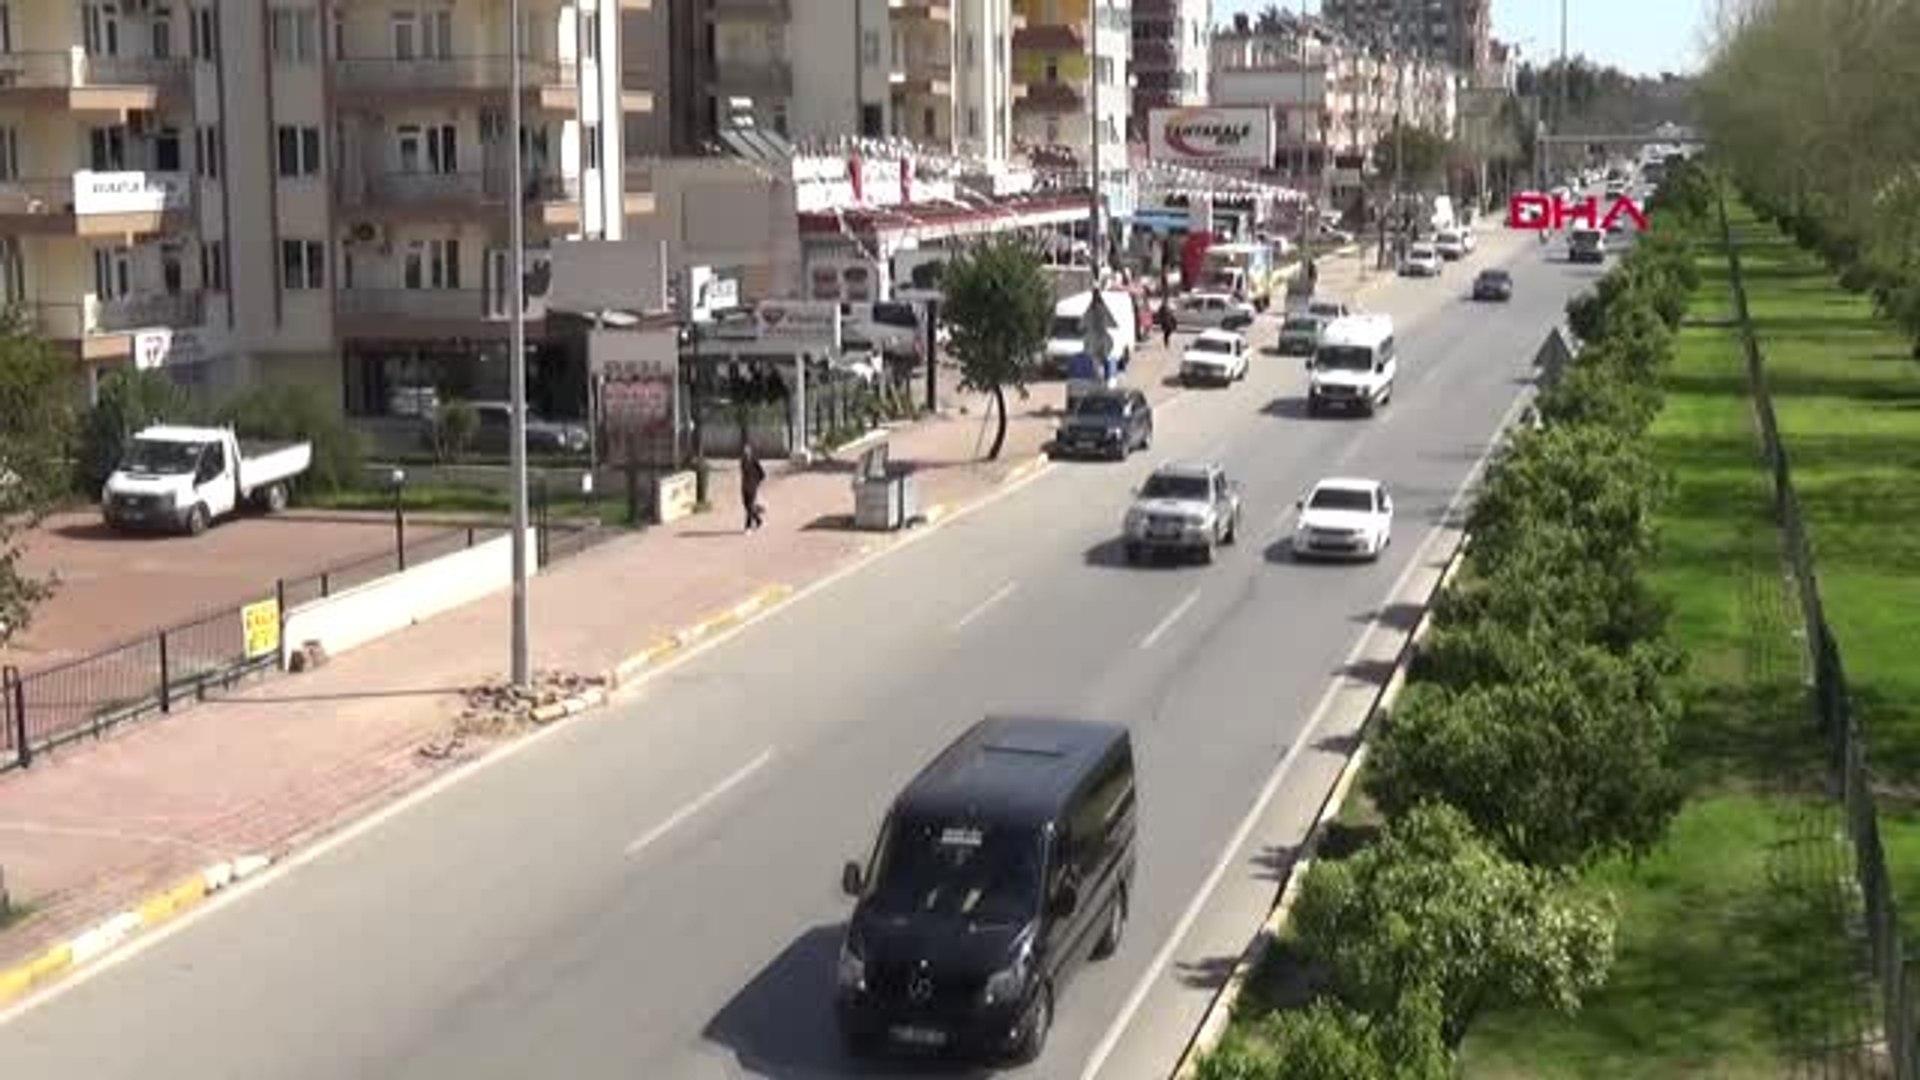 Antalya Üst Geçit 'Yorucu' Diye Tel Bariyerleri Kırıp Yaya Geçidi Açtılar